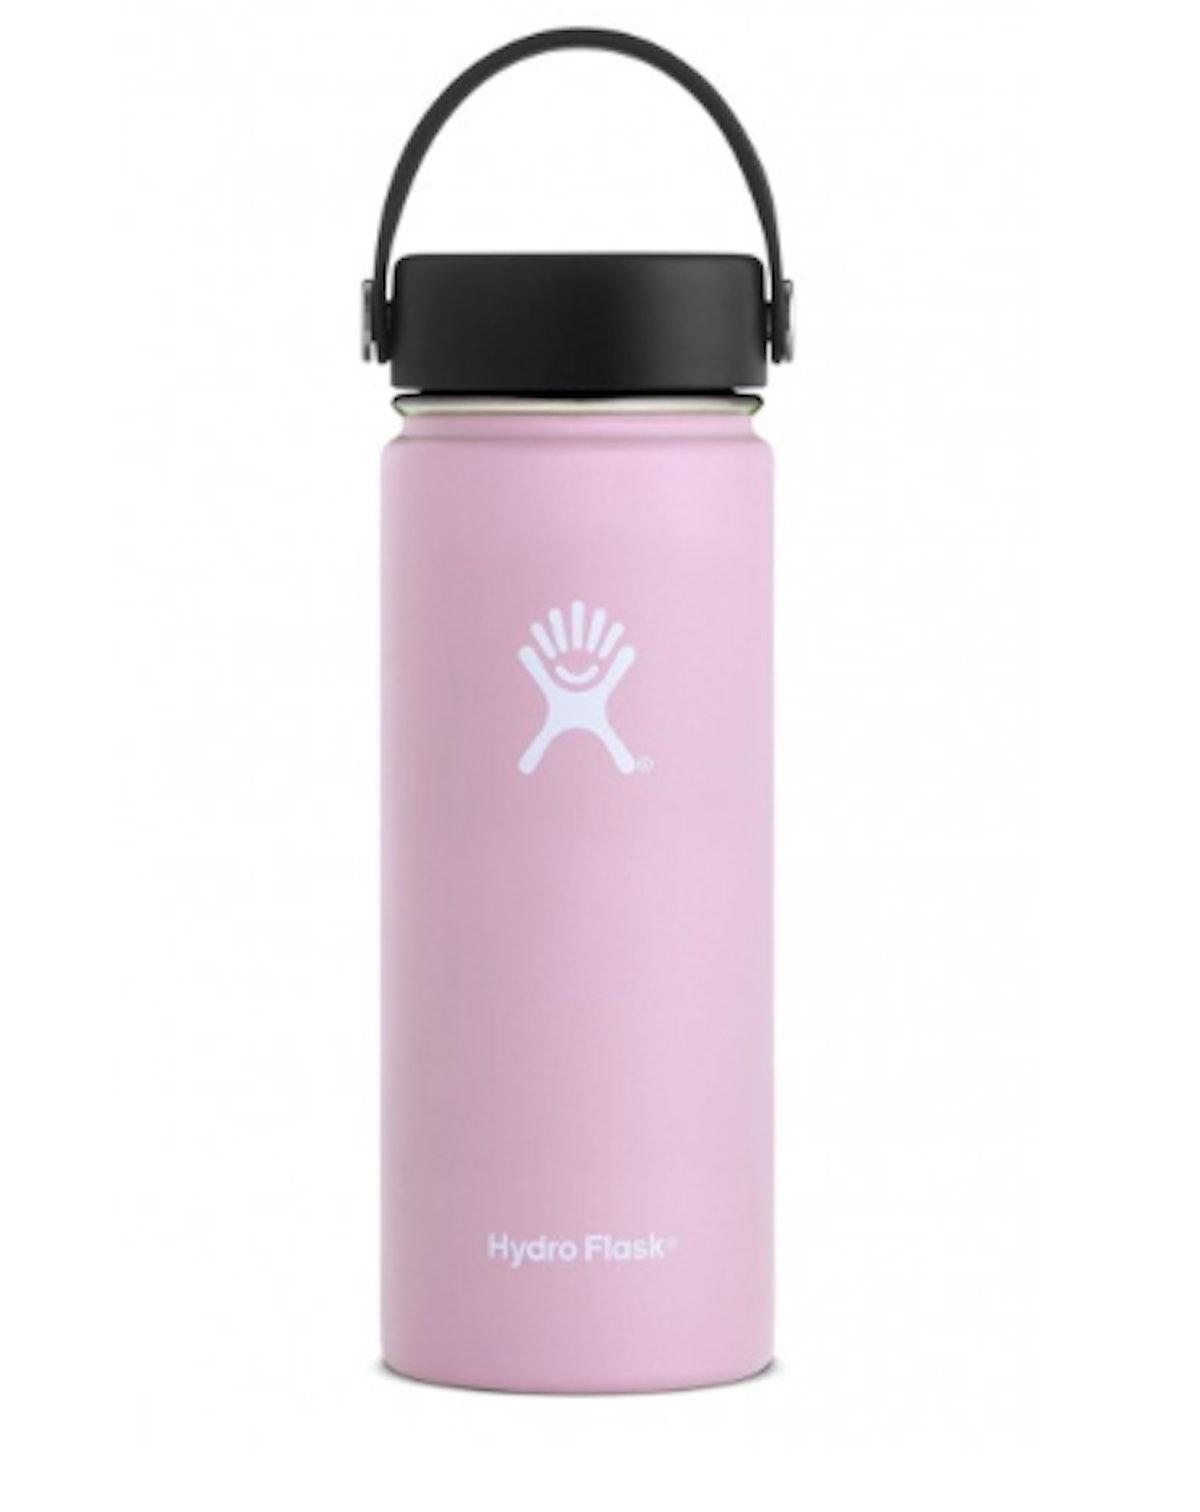 Hydro Flask Water 18-Ounce Water Bottle